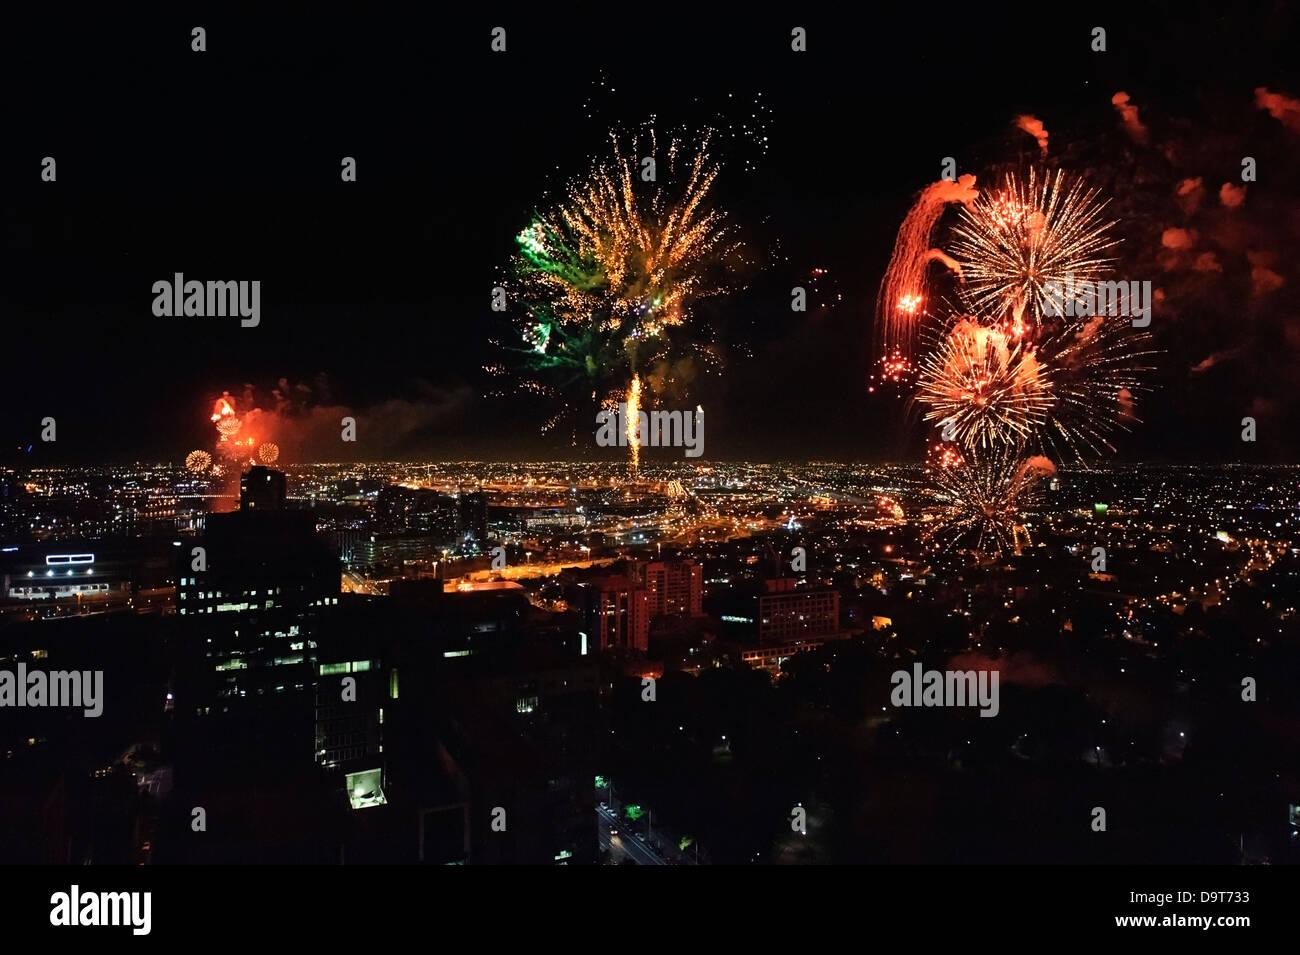 D'artifice spectaculaires photographié d'en haut un gratte-ciel illuminent le ciel plus de Melbourne Photo Stock